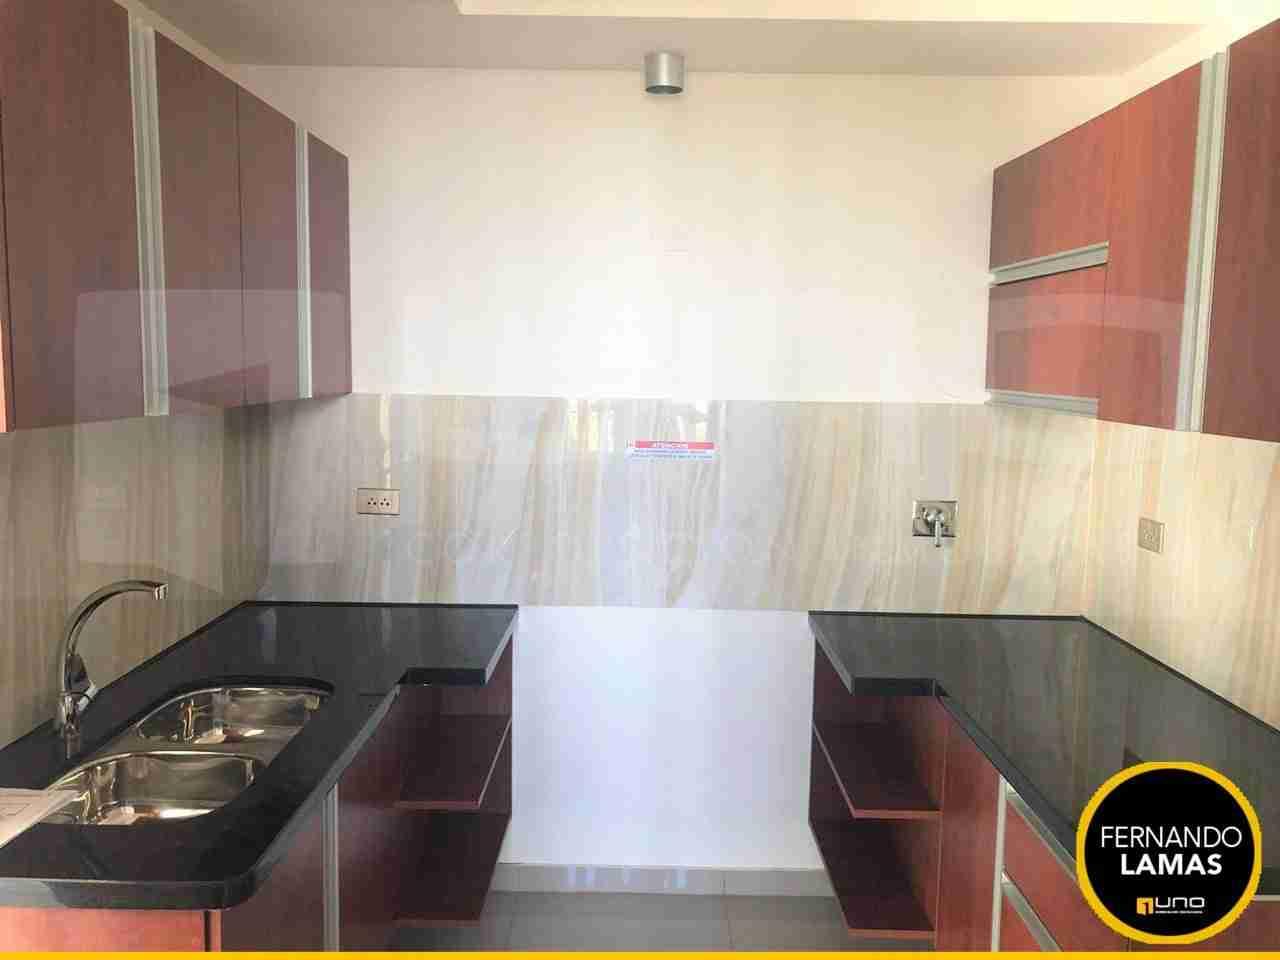 Departamento de 3 Dormitorios en Alquiler, Edificio Macororo 11, Zona Equipetrol, Santa Cruz, Bolivia (10)